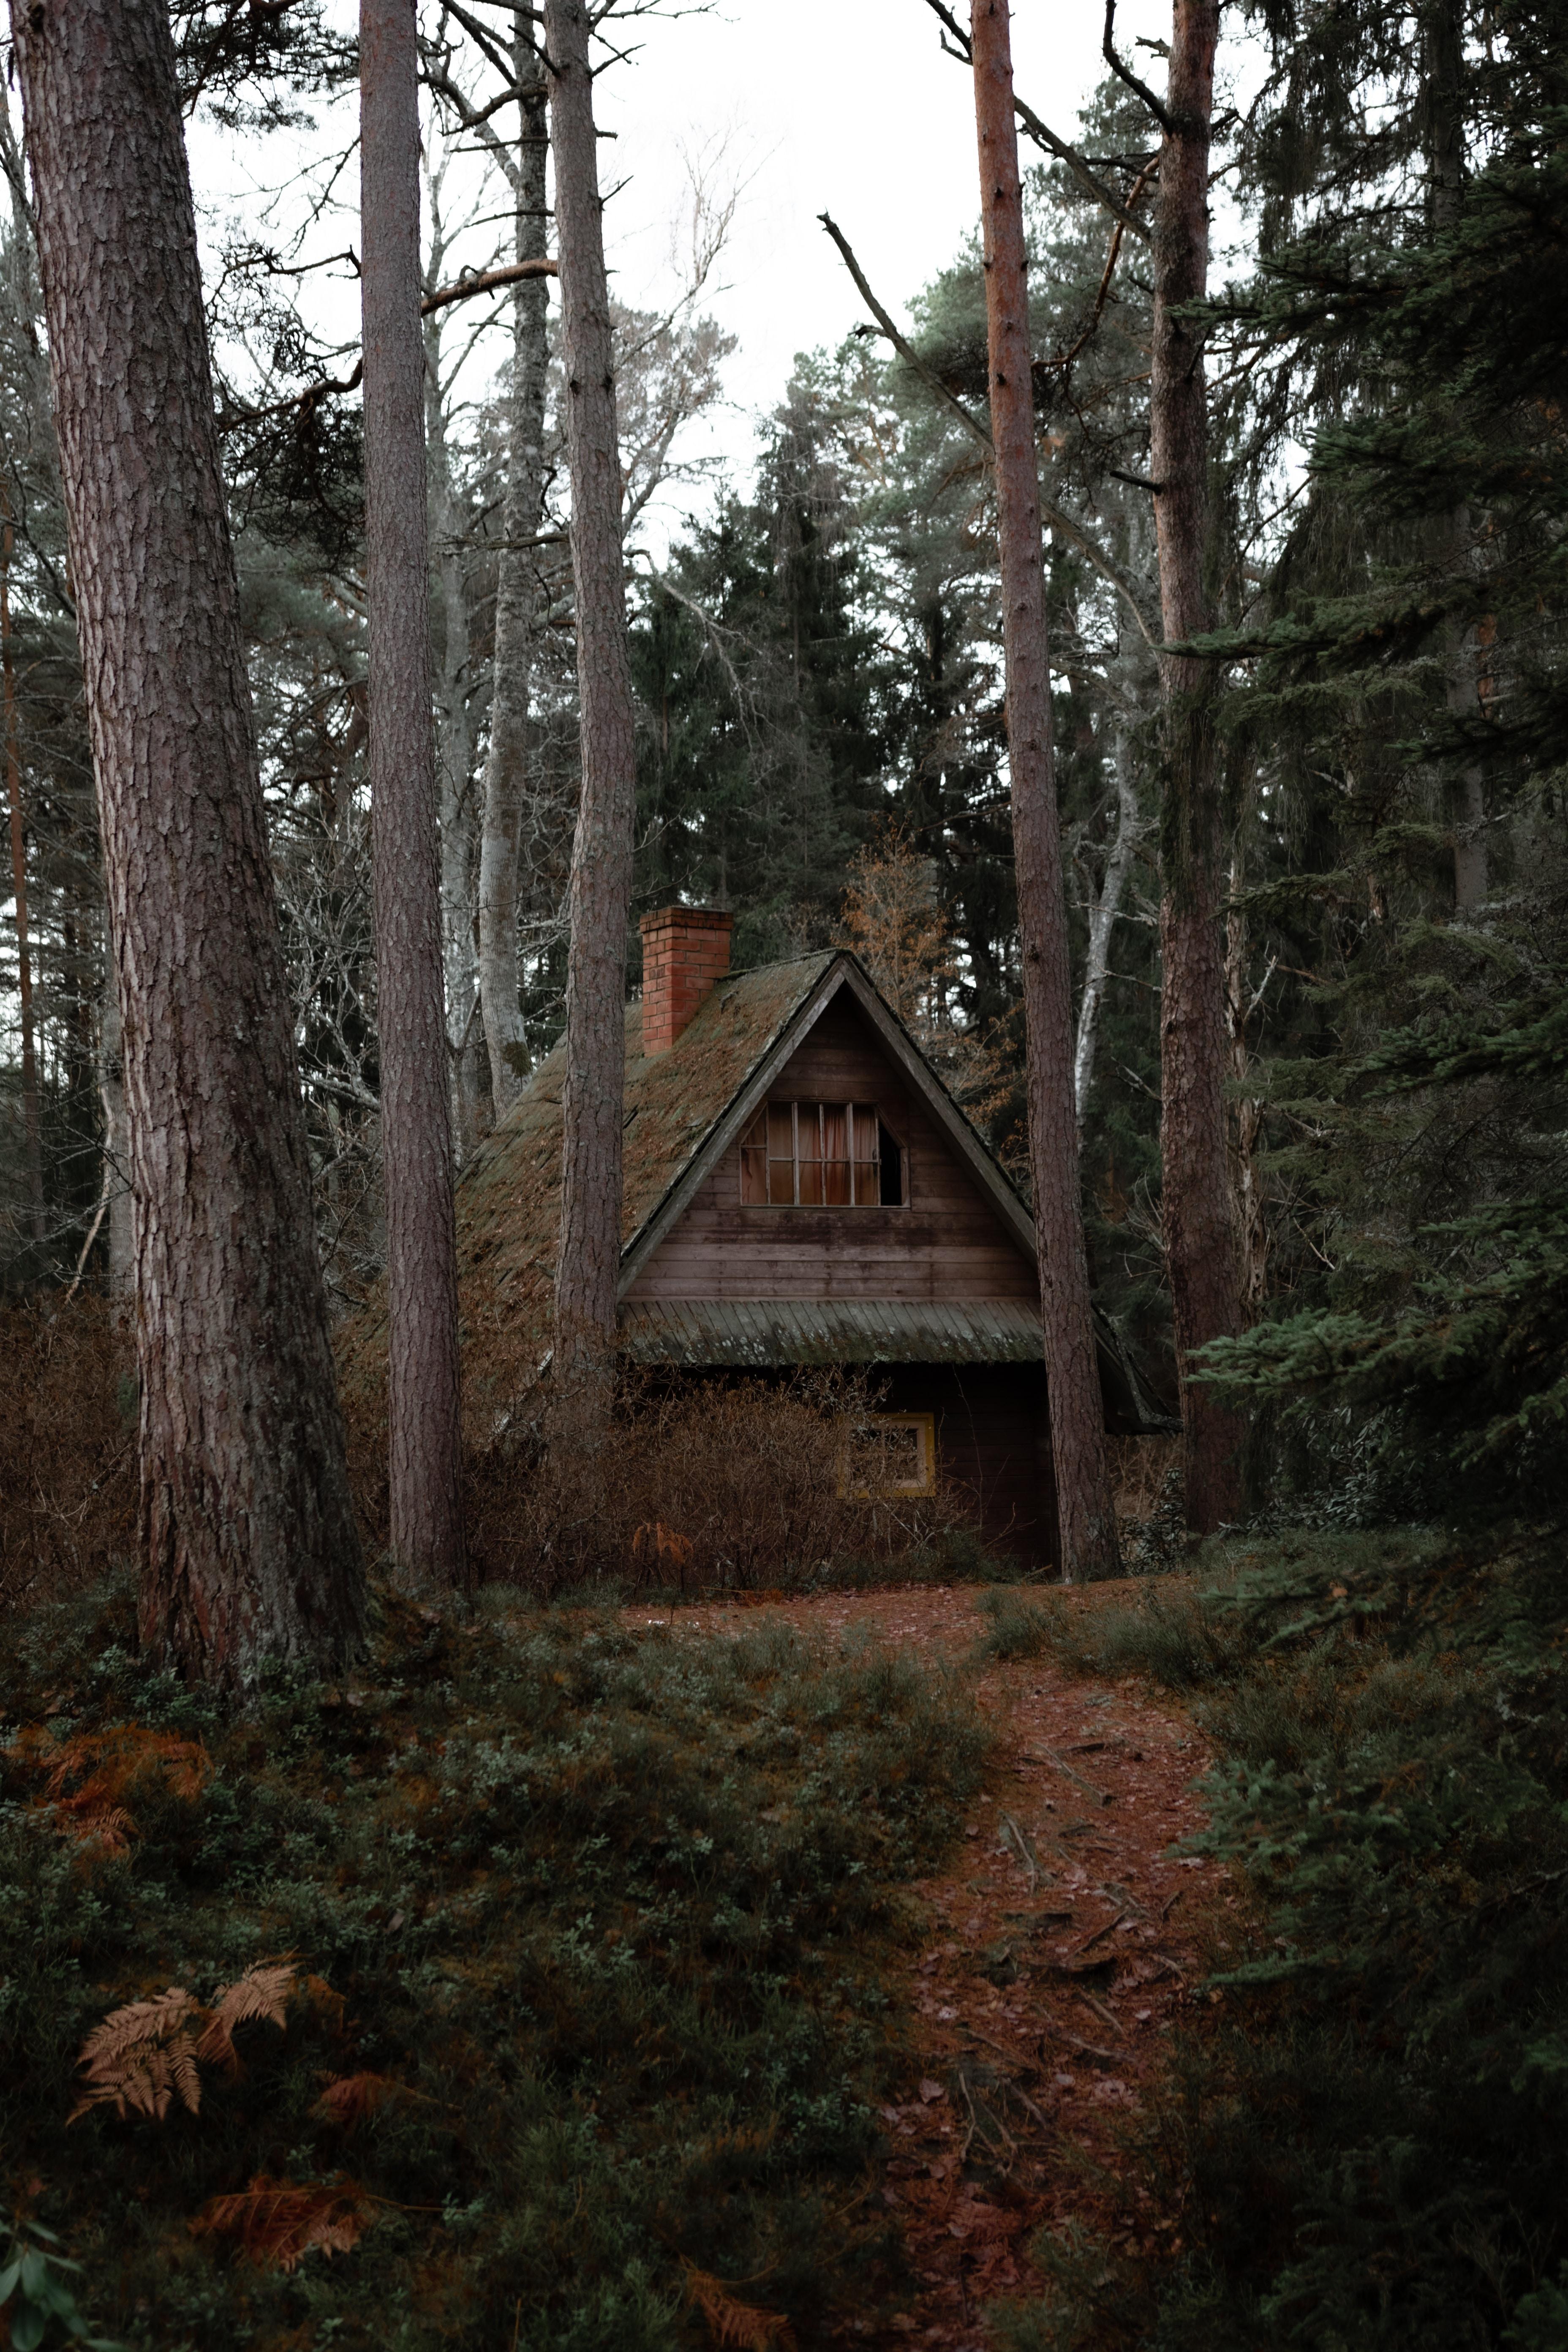 146528 скачать обои Домик, Природа, Деревья, Уединение, Разное, Лес - заставки и картинки бесплатно